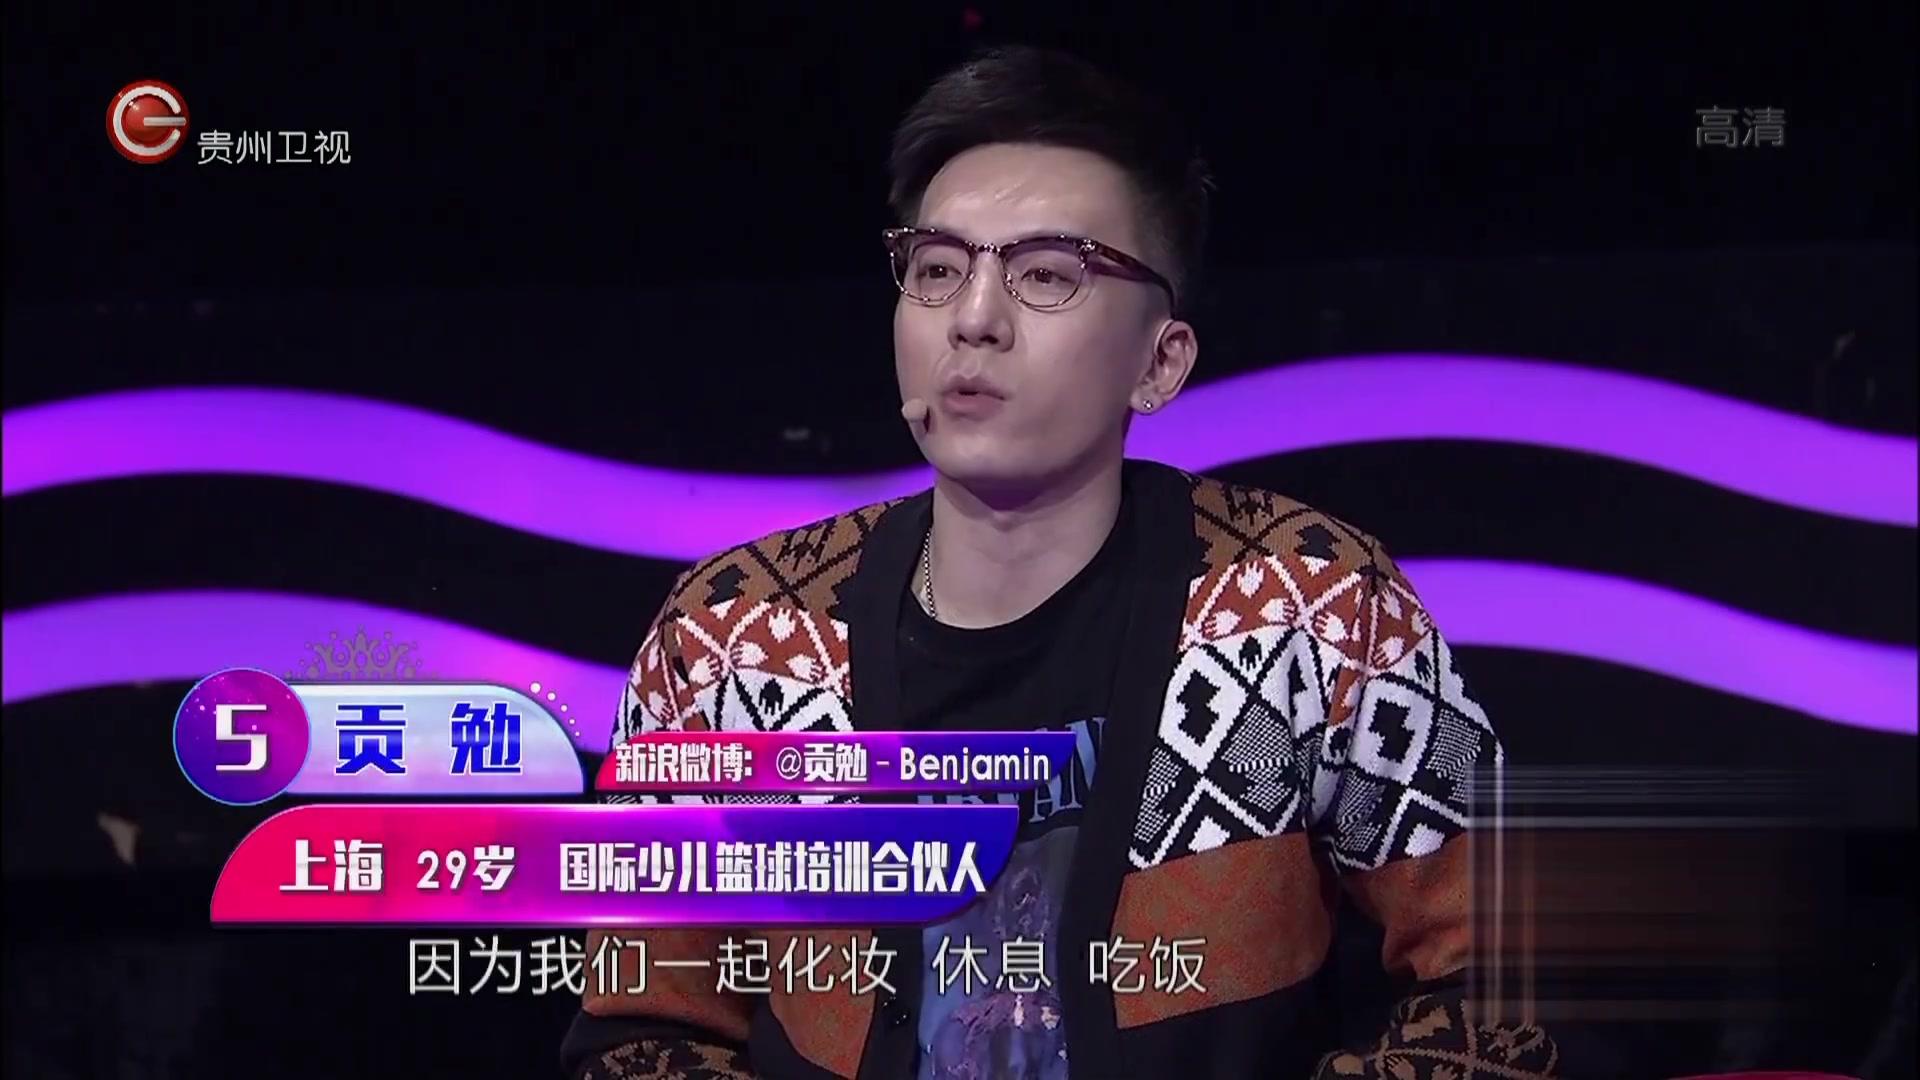 《非常完美》徐志滨夸贡勉有内涵 遭众人吐槽太自恋